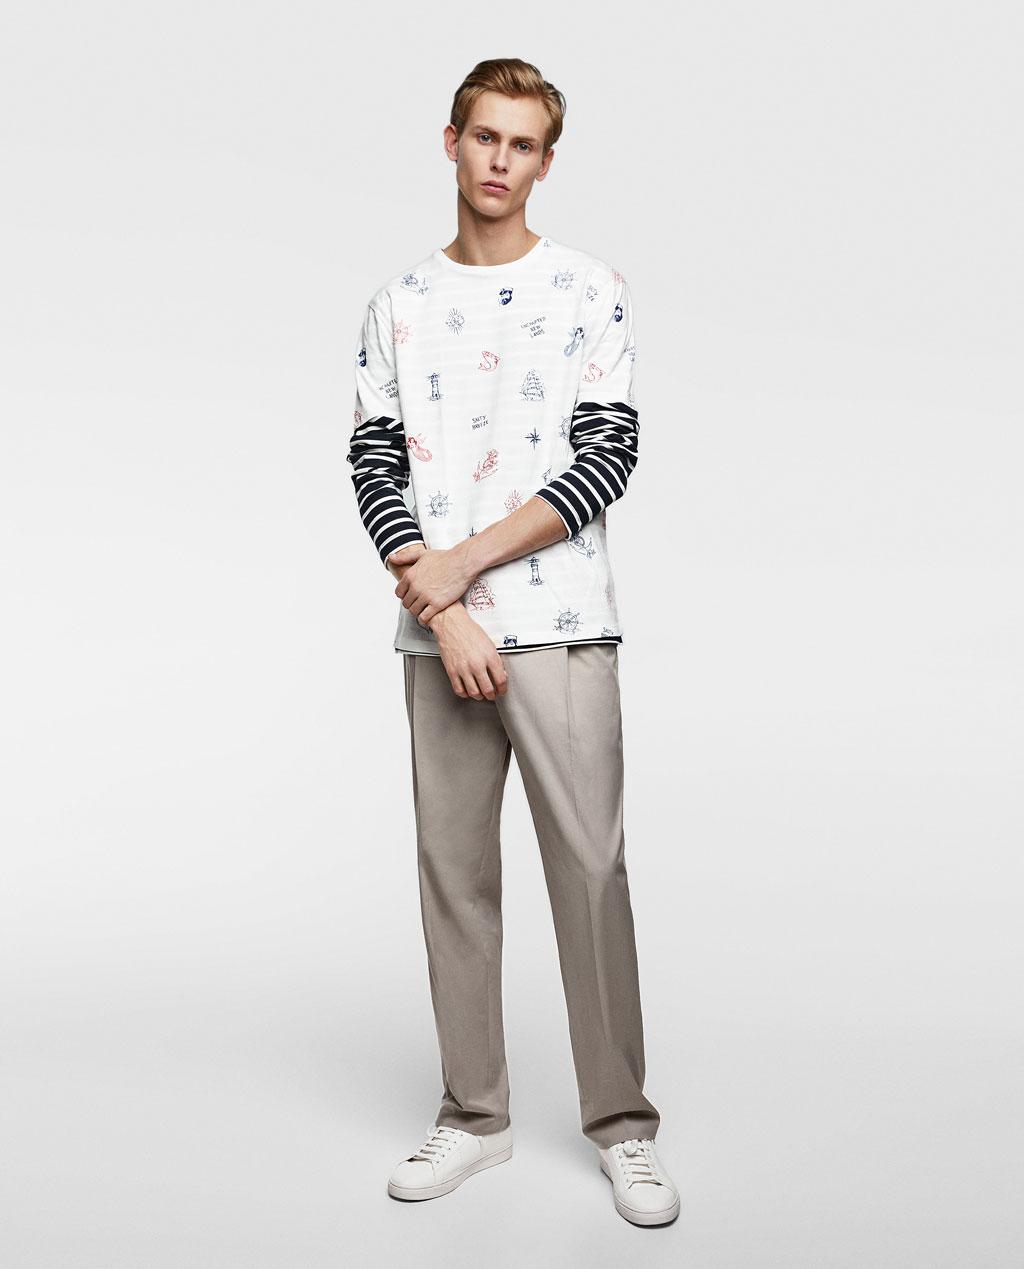 Thời trang nam Zara  23911 - ảnh 3